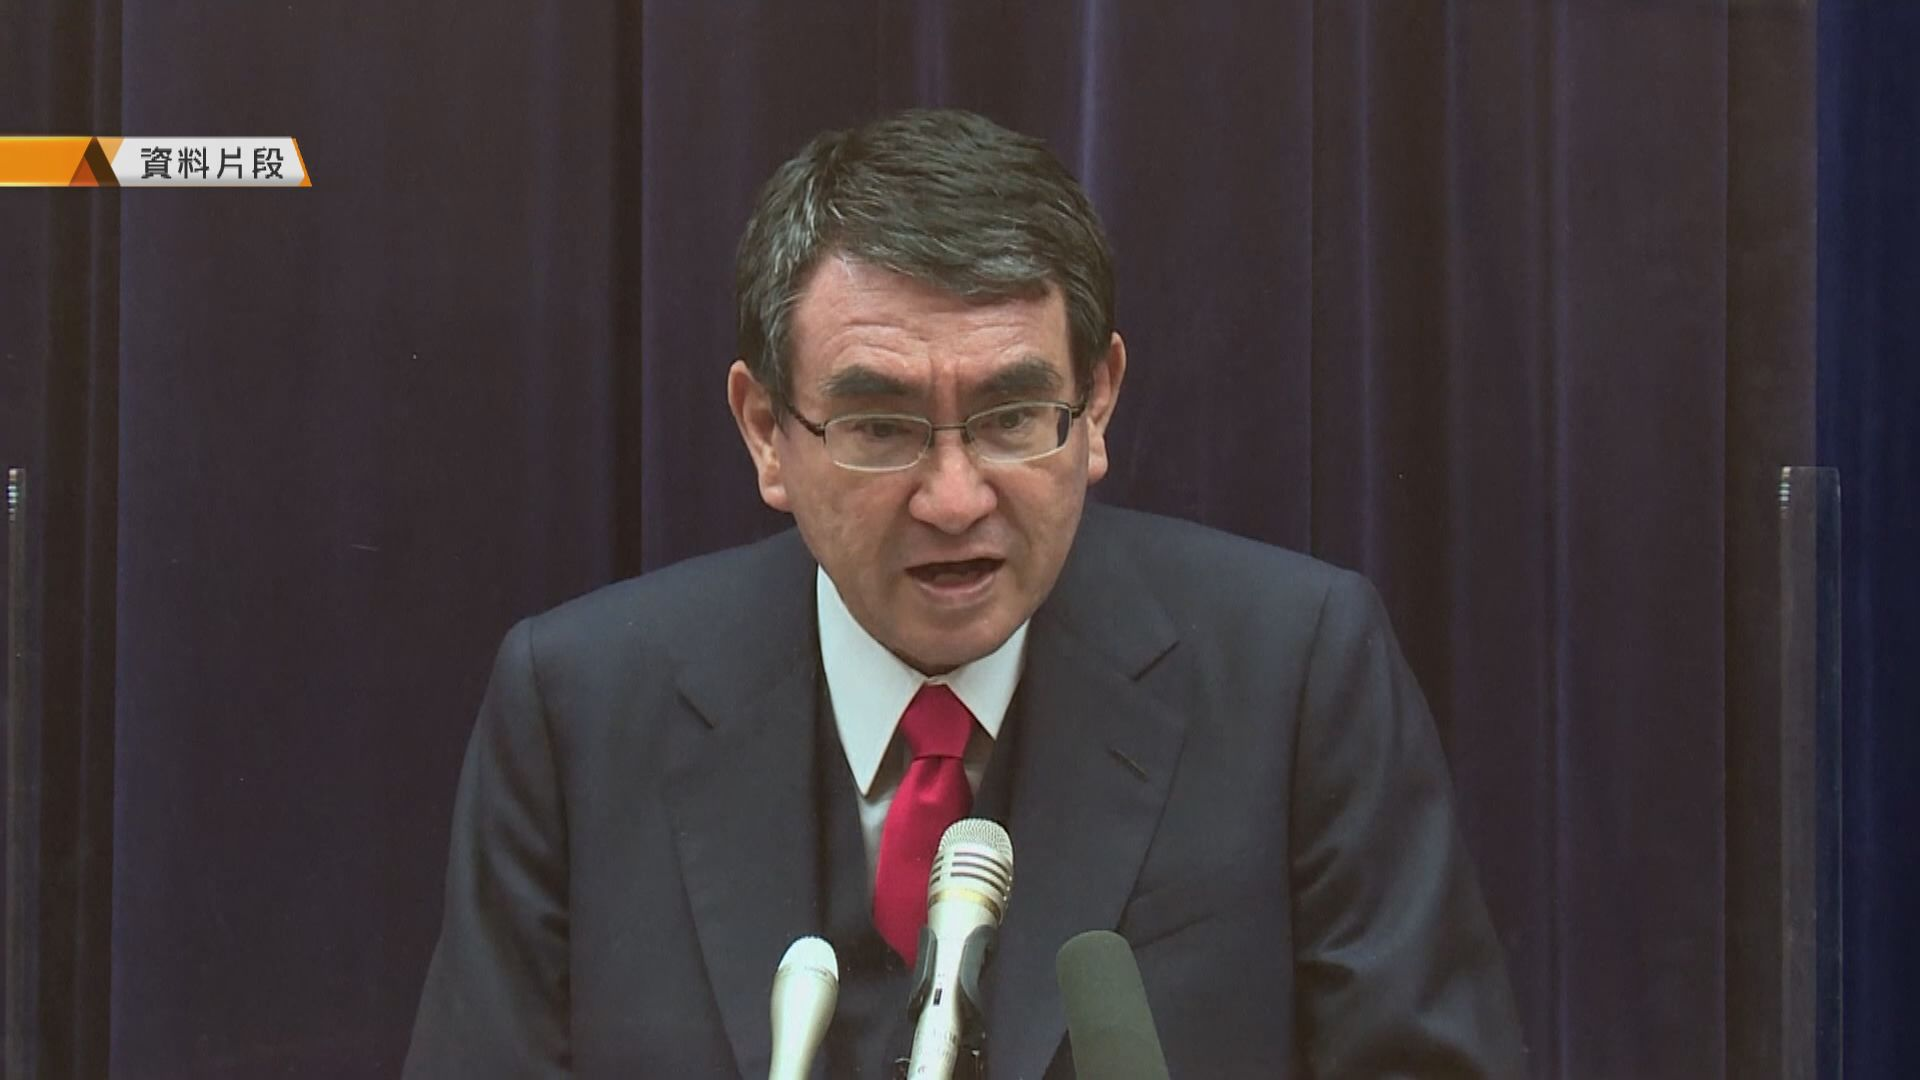 日本最新民意調查:河野太郎獲最多人支持出任首相